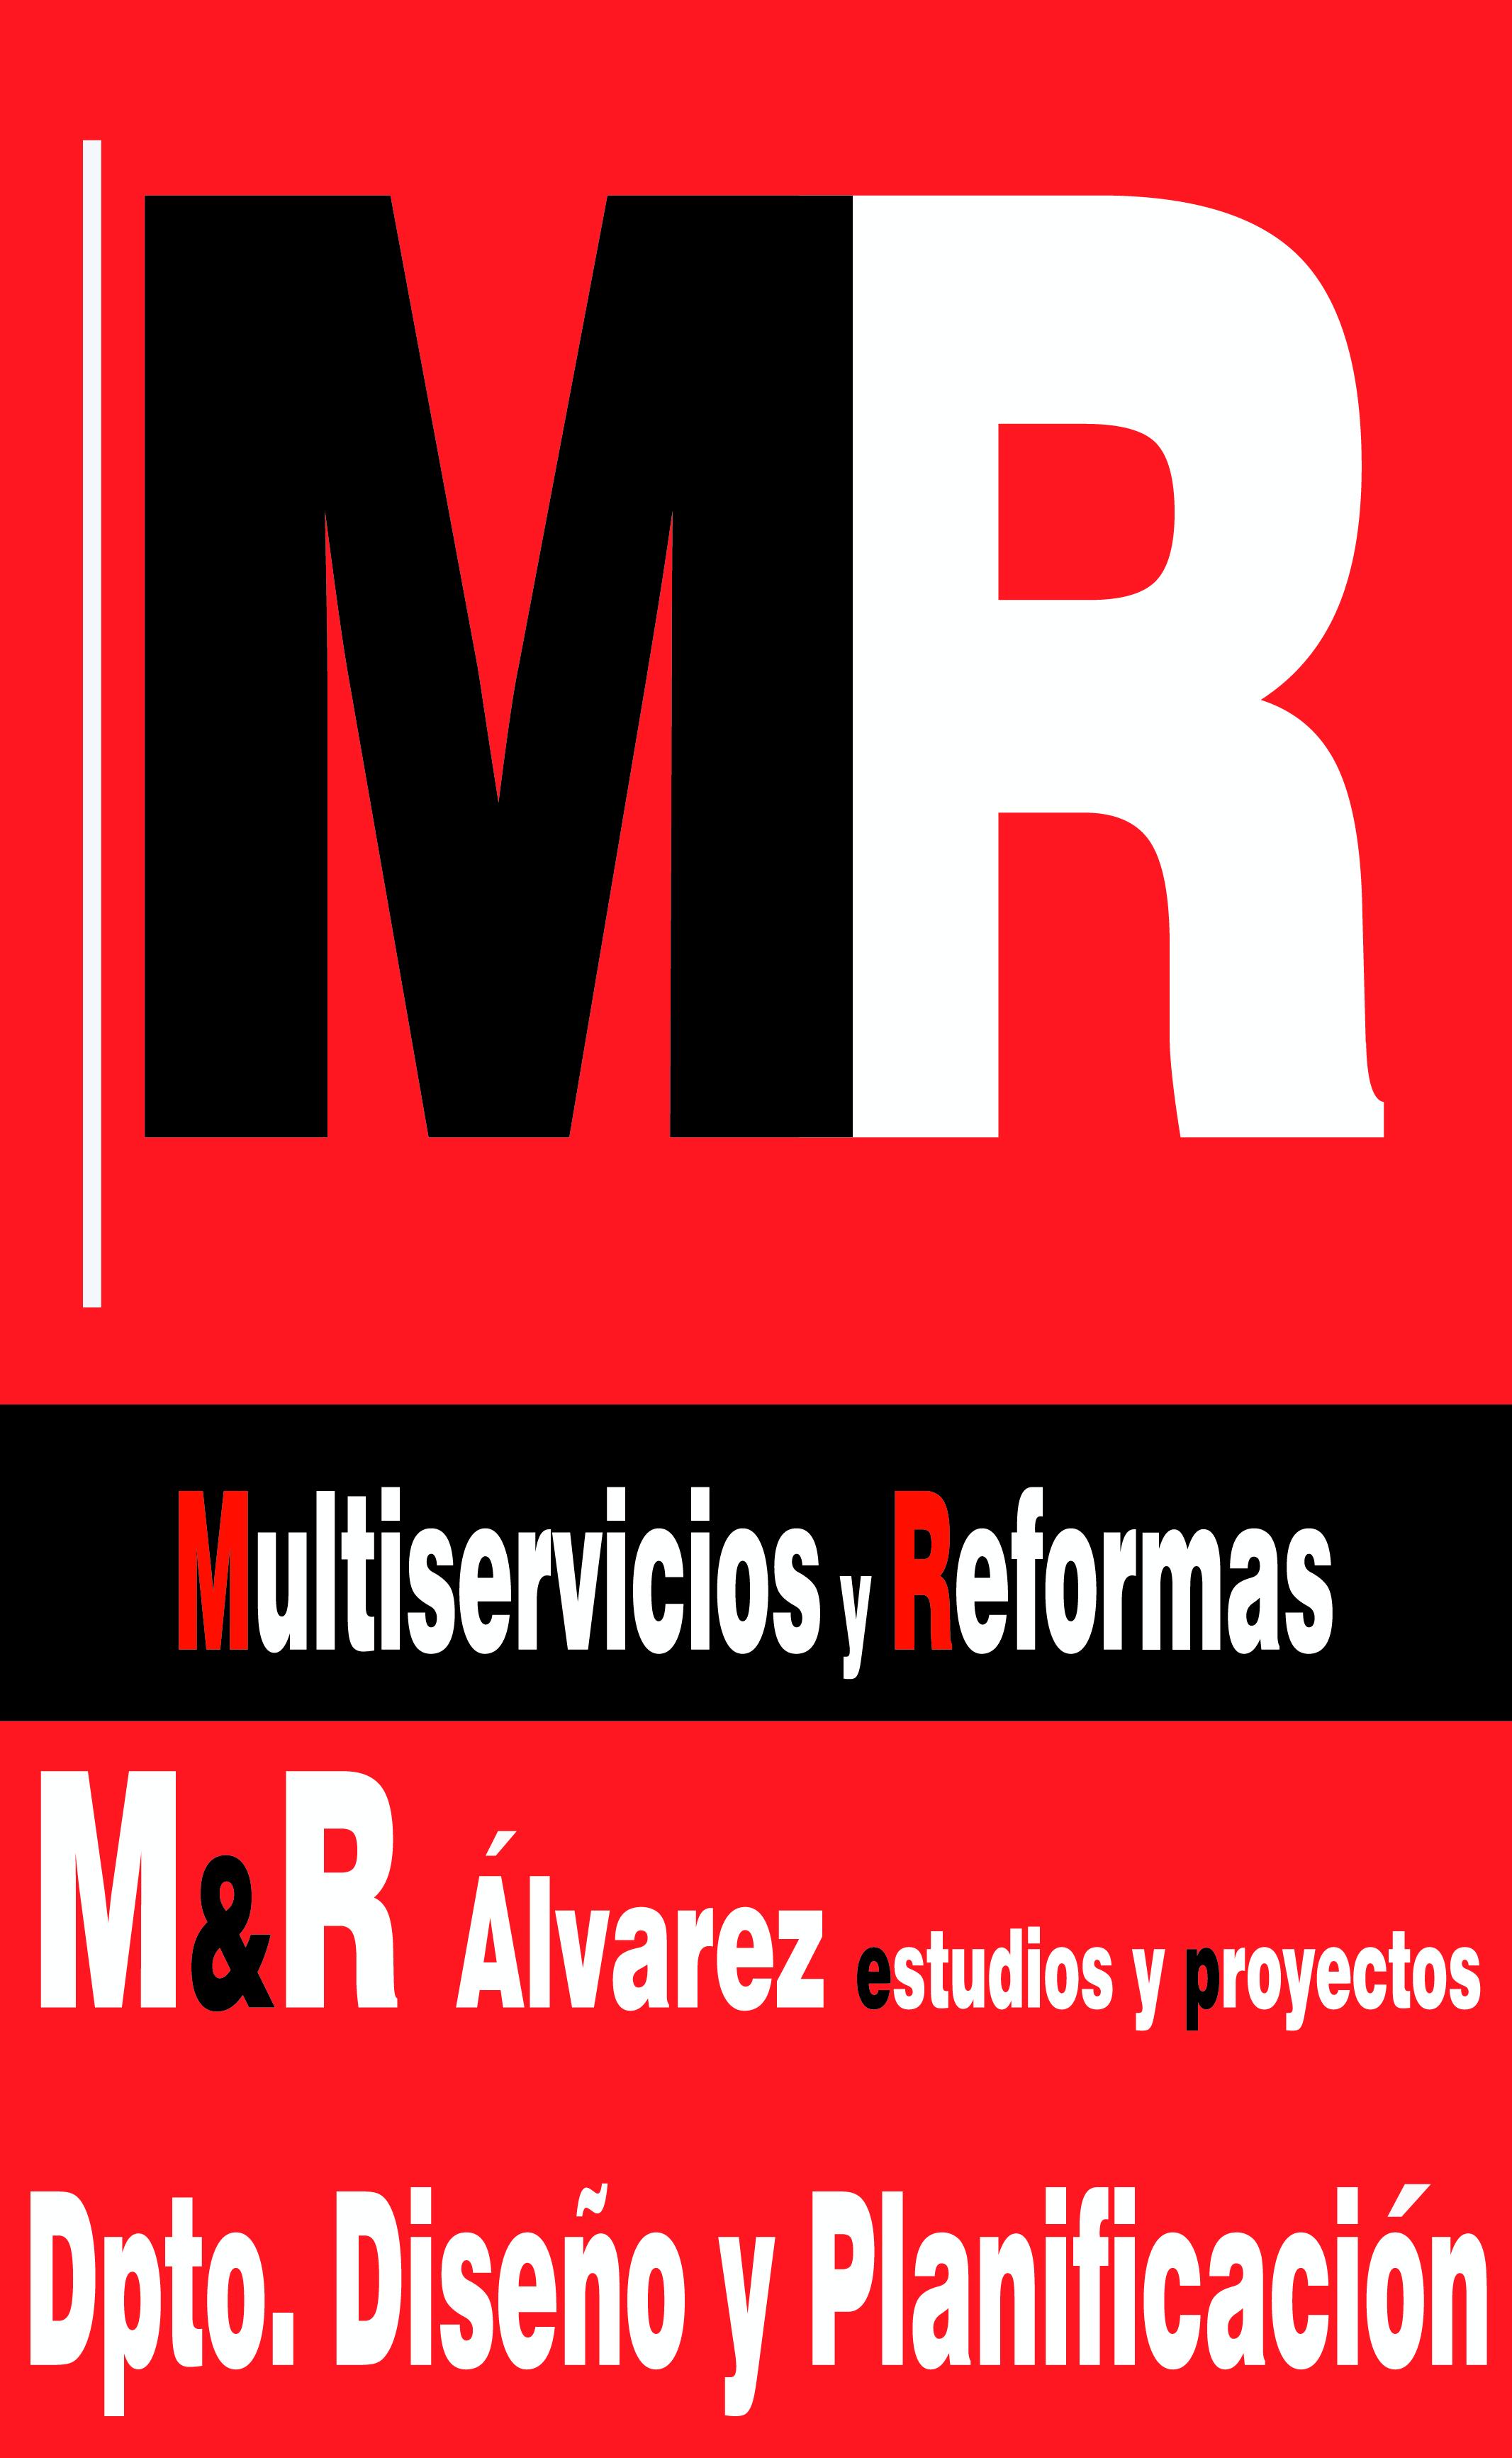 Álvarez Estudios Y Proyectos, S.l.